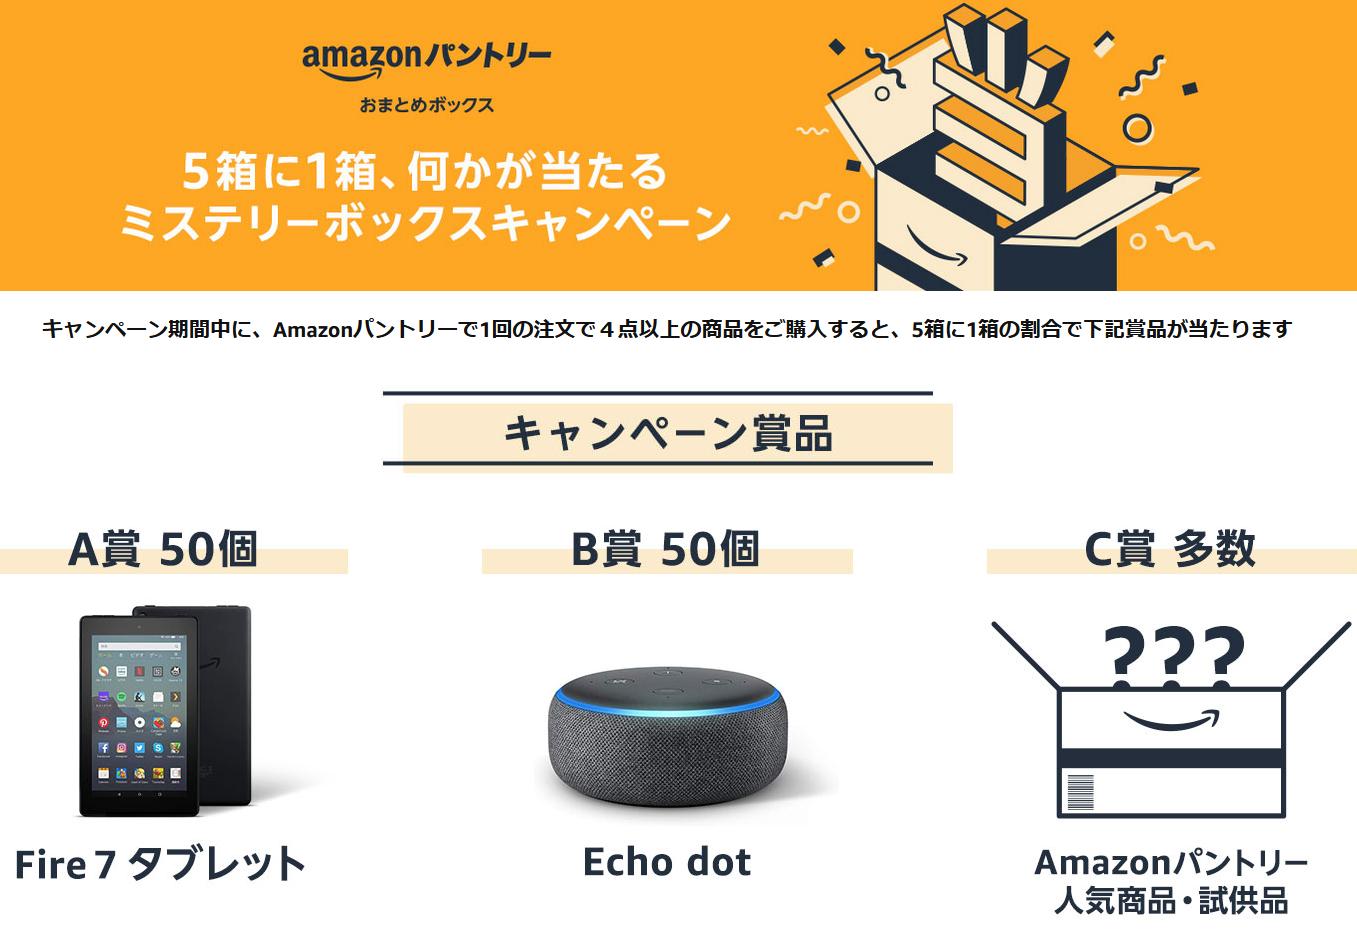 Amazonパントリー 5箱に1箱何かが当たる Fire 7など